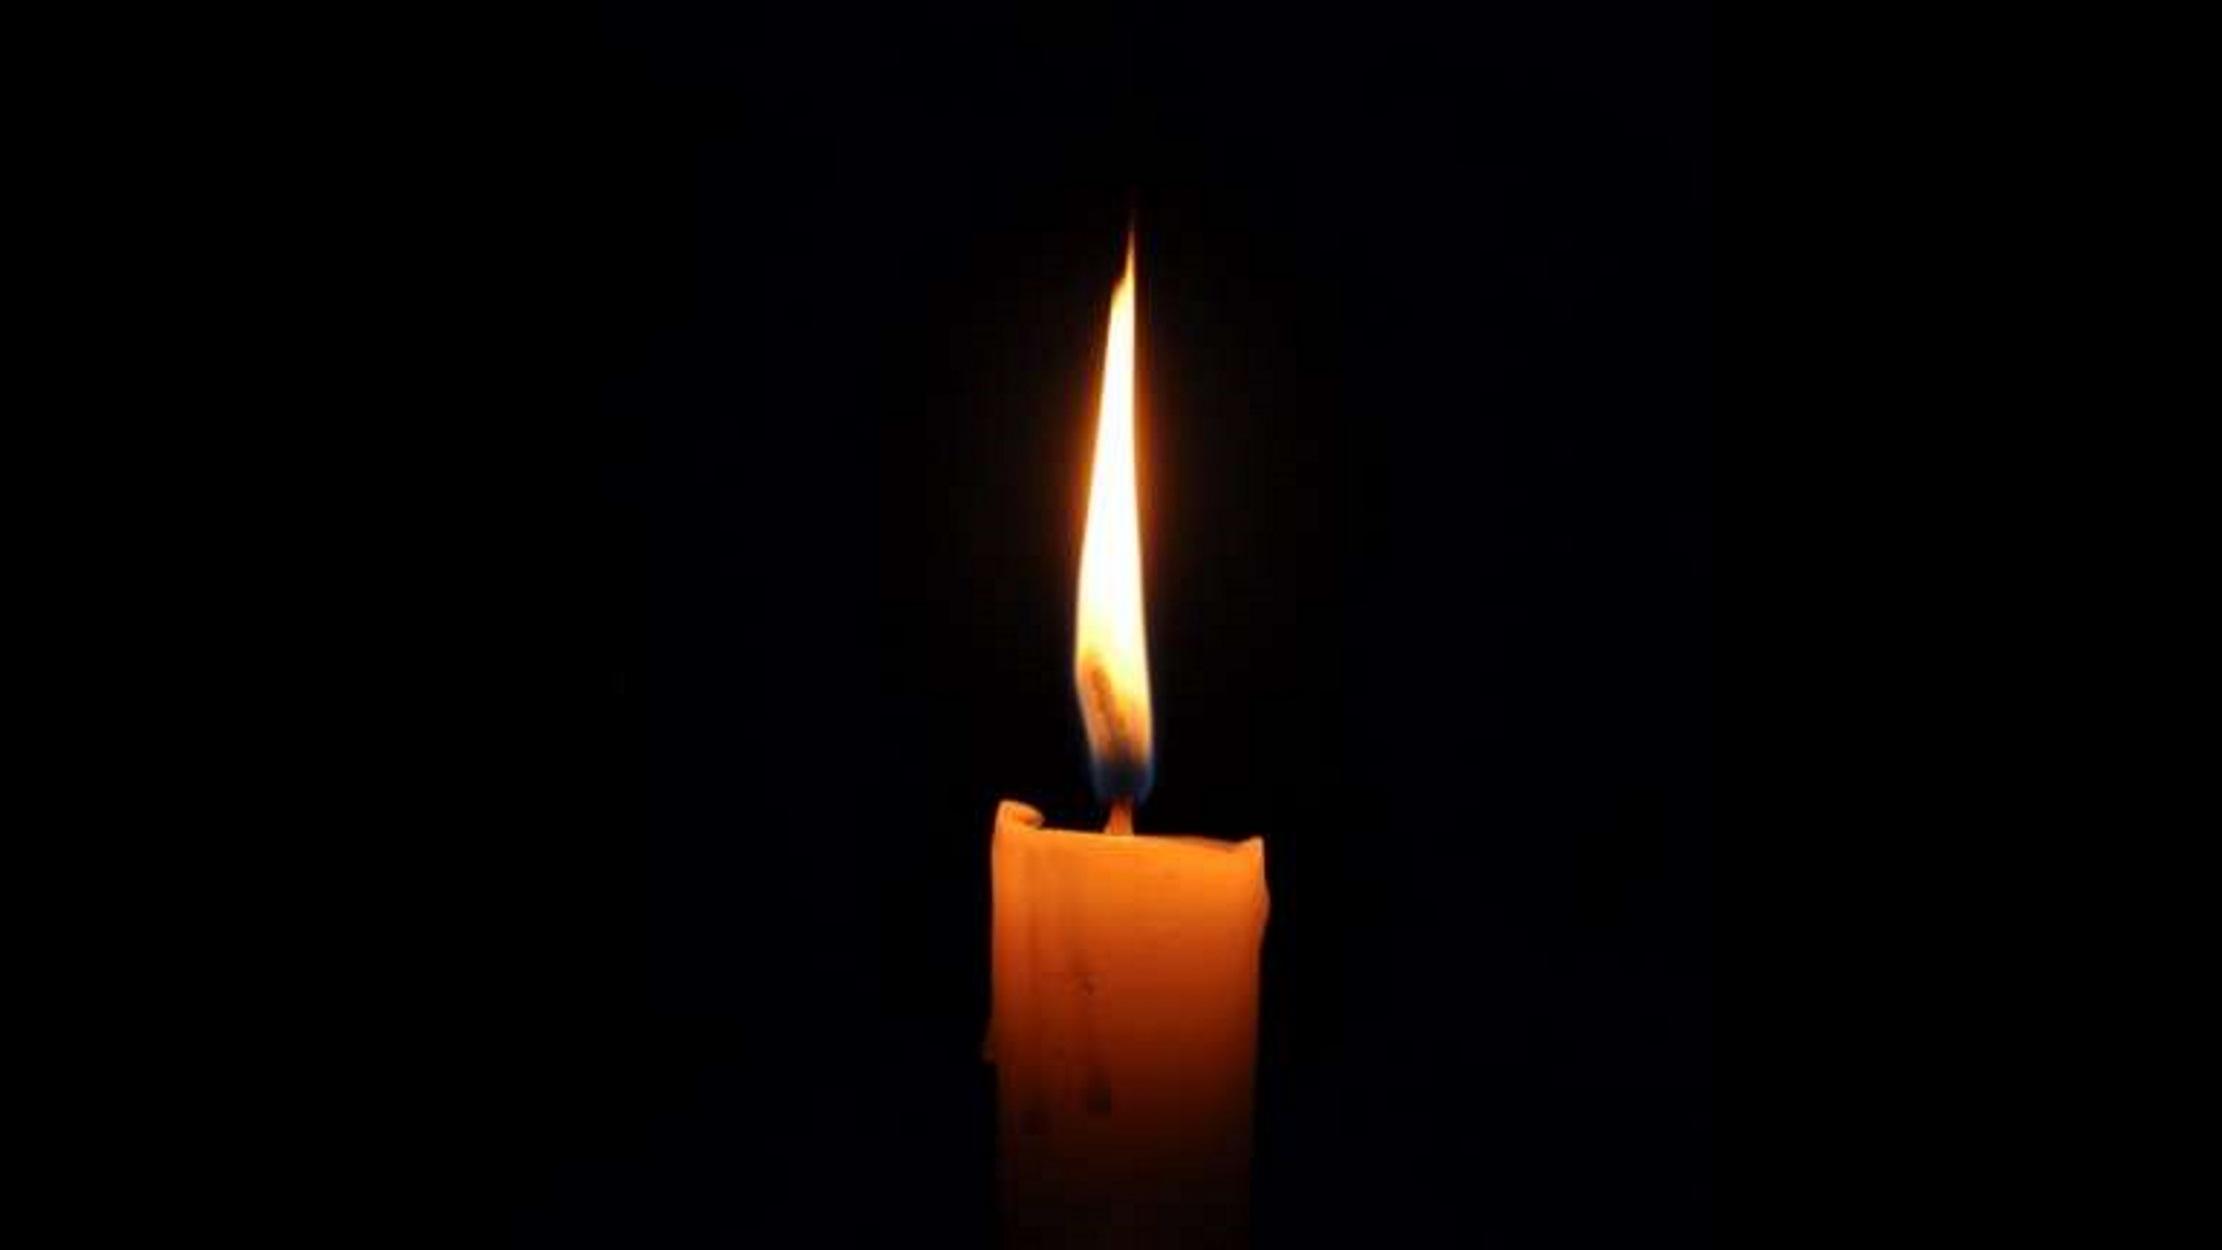 Πένθος στην Κοζάνη: Πέθανε ο ιερέας Γεώργιος Τσιφτσής – Κόλλησε κορονοϊό στην Αφρική